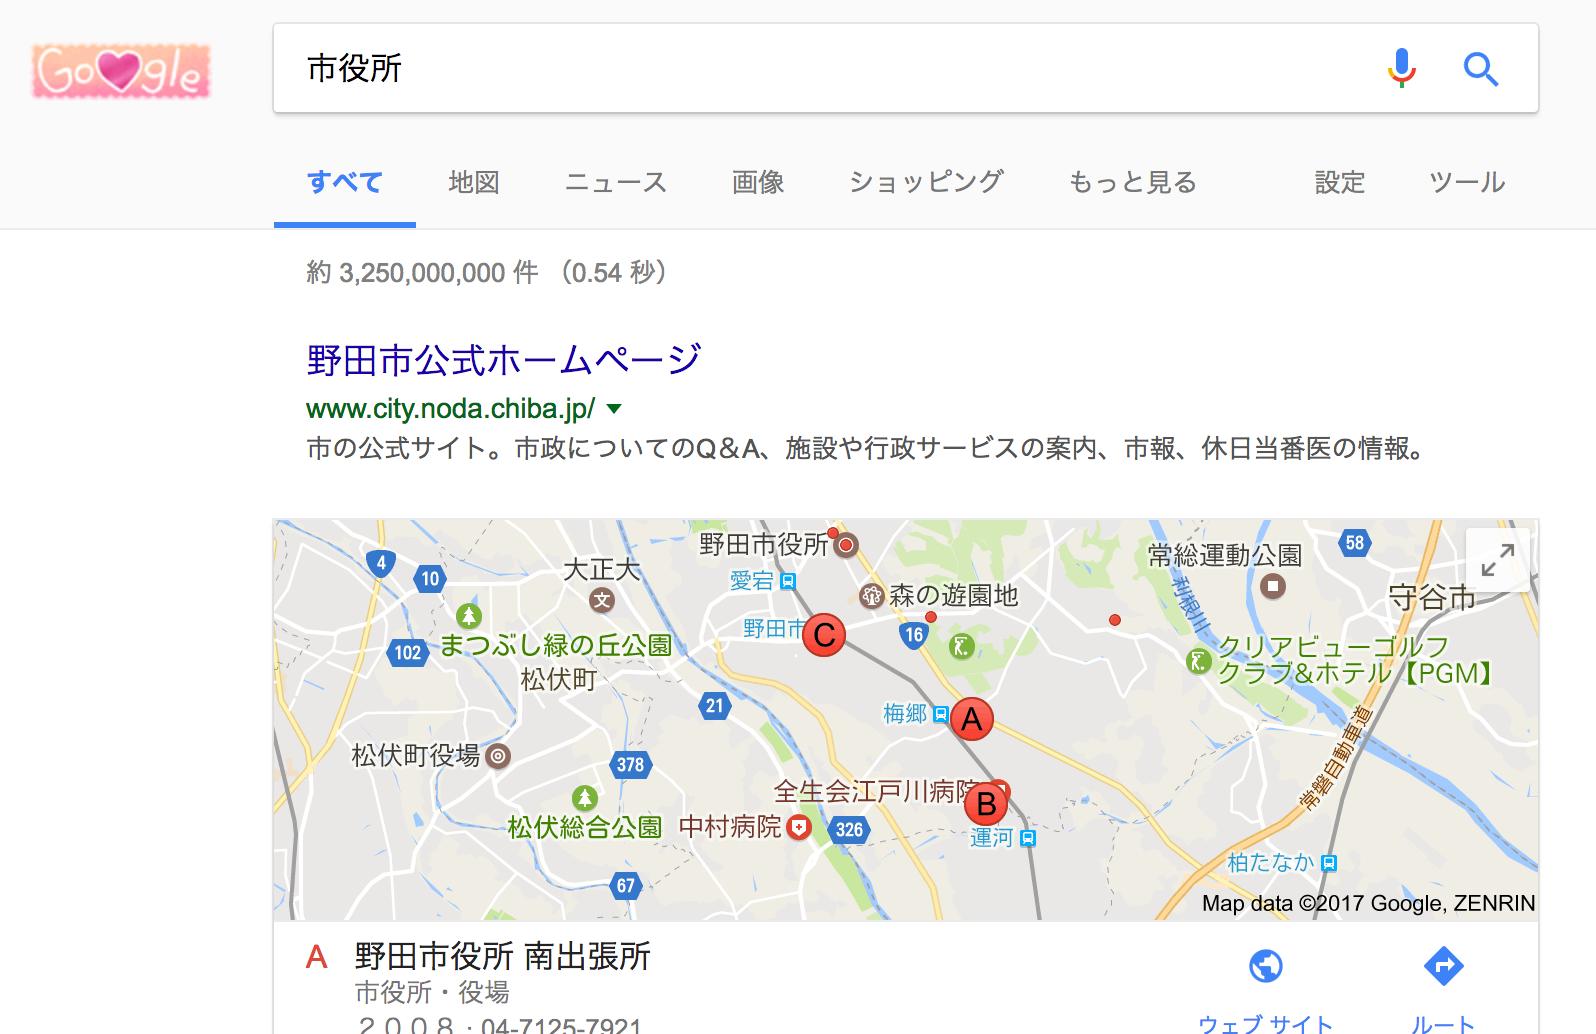 松田が「市役所」と検索した結果